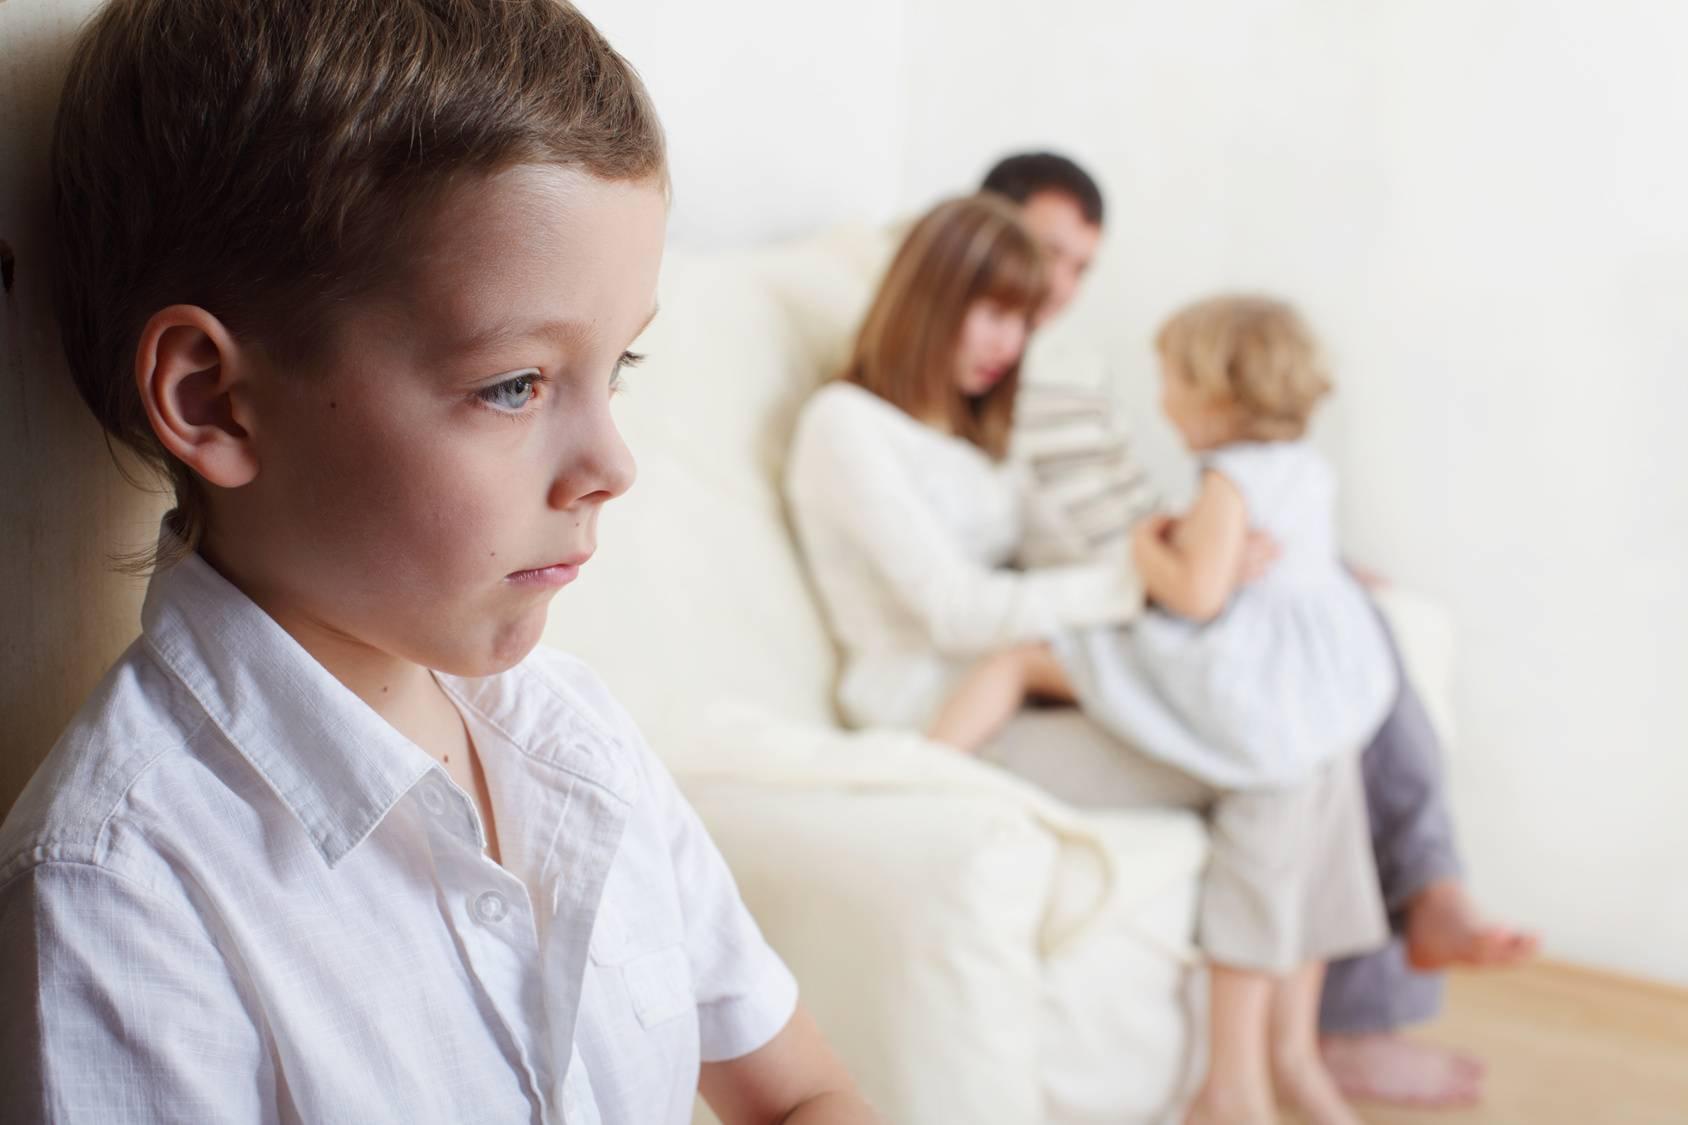 Убийственная забота: чрезмерные волнения за ребенка могут сыграть злую шутку с малышом